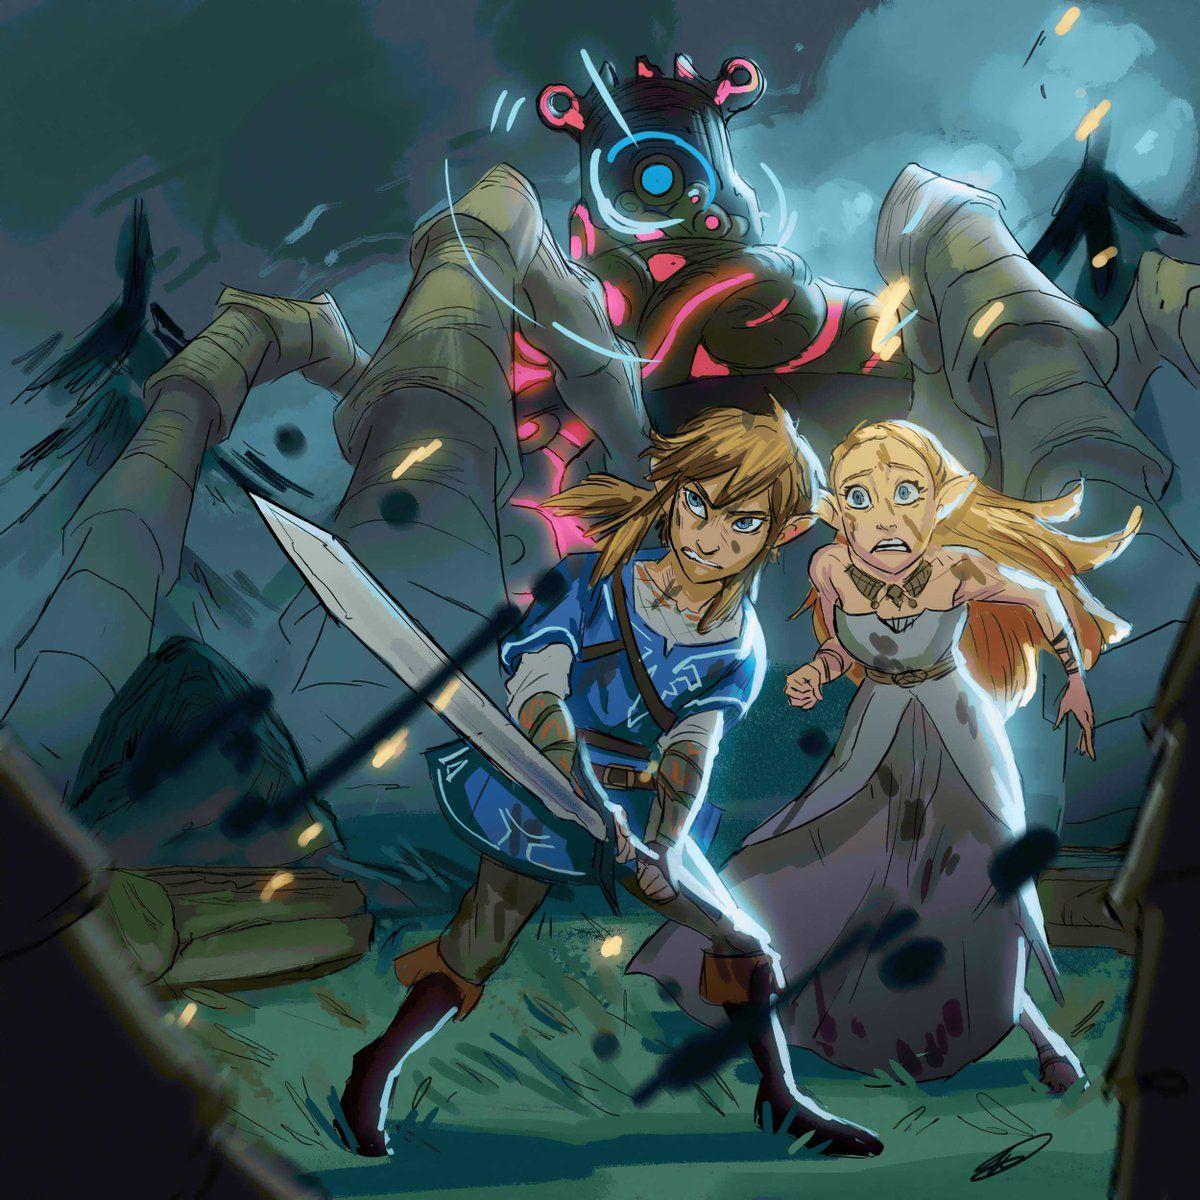 Legend Of Zelda Breath Of The Wild Art Link And Princess Zelda Vs Guardian Kiravera8 Twitter Legend Of Zelda Legend Of Zelda Breath Zelda Art